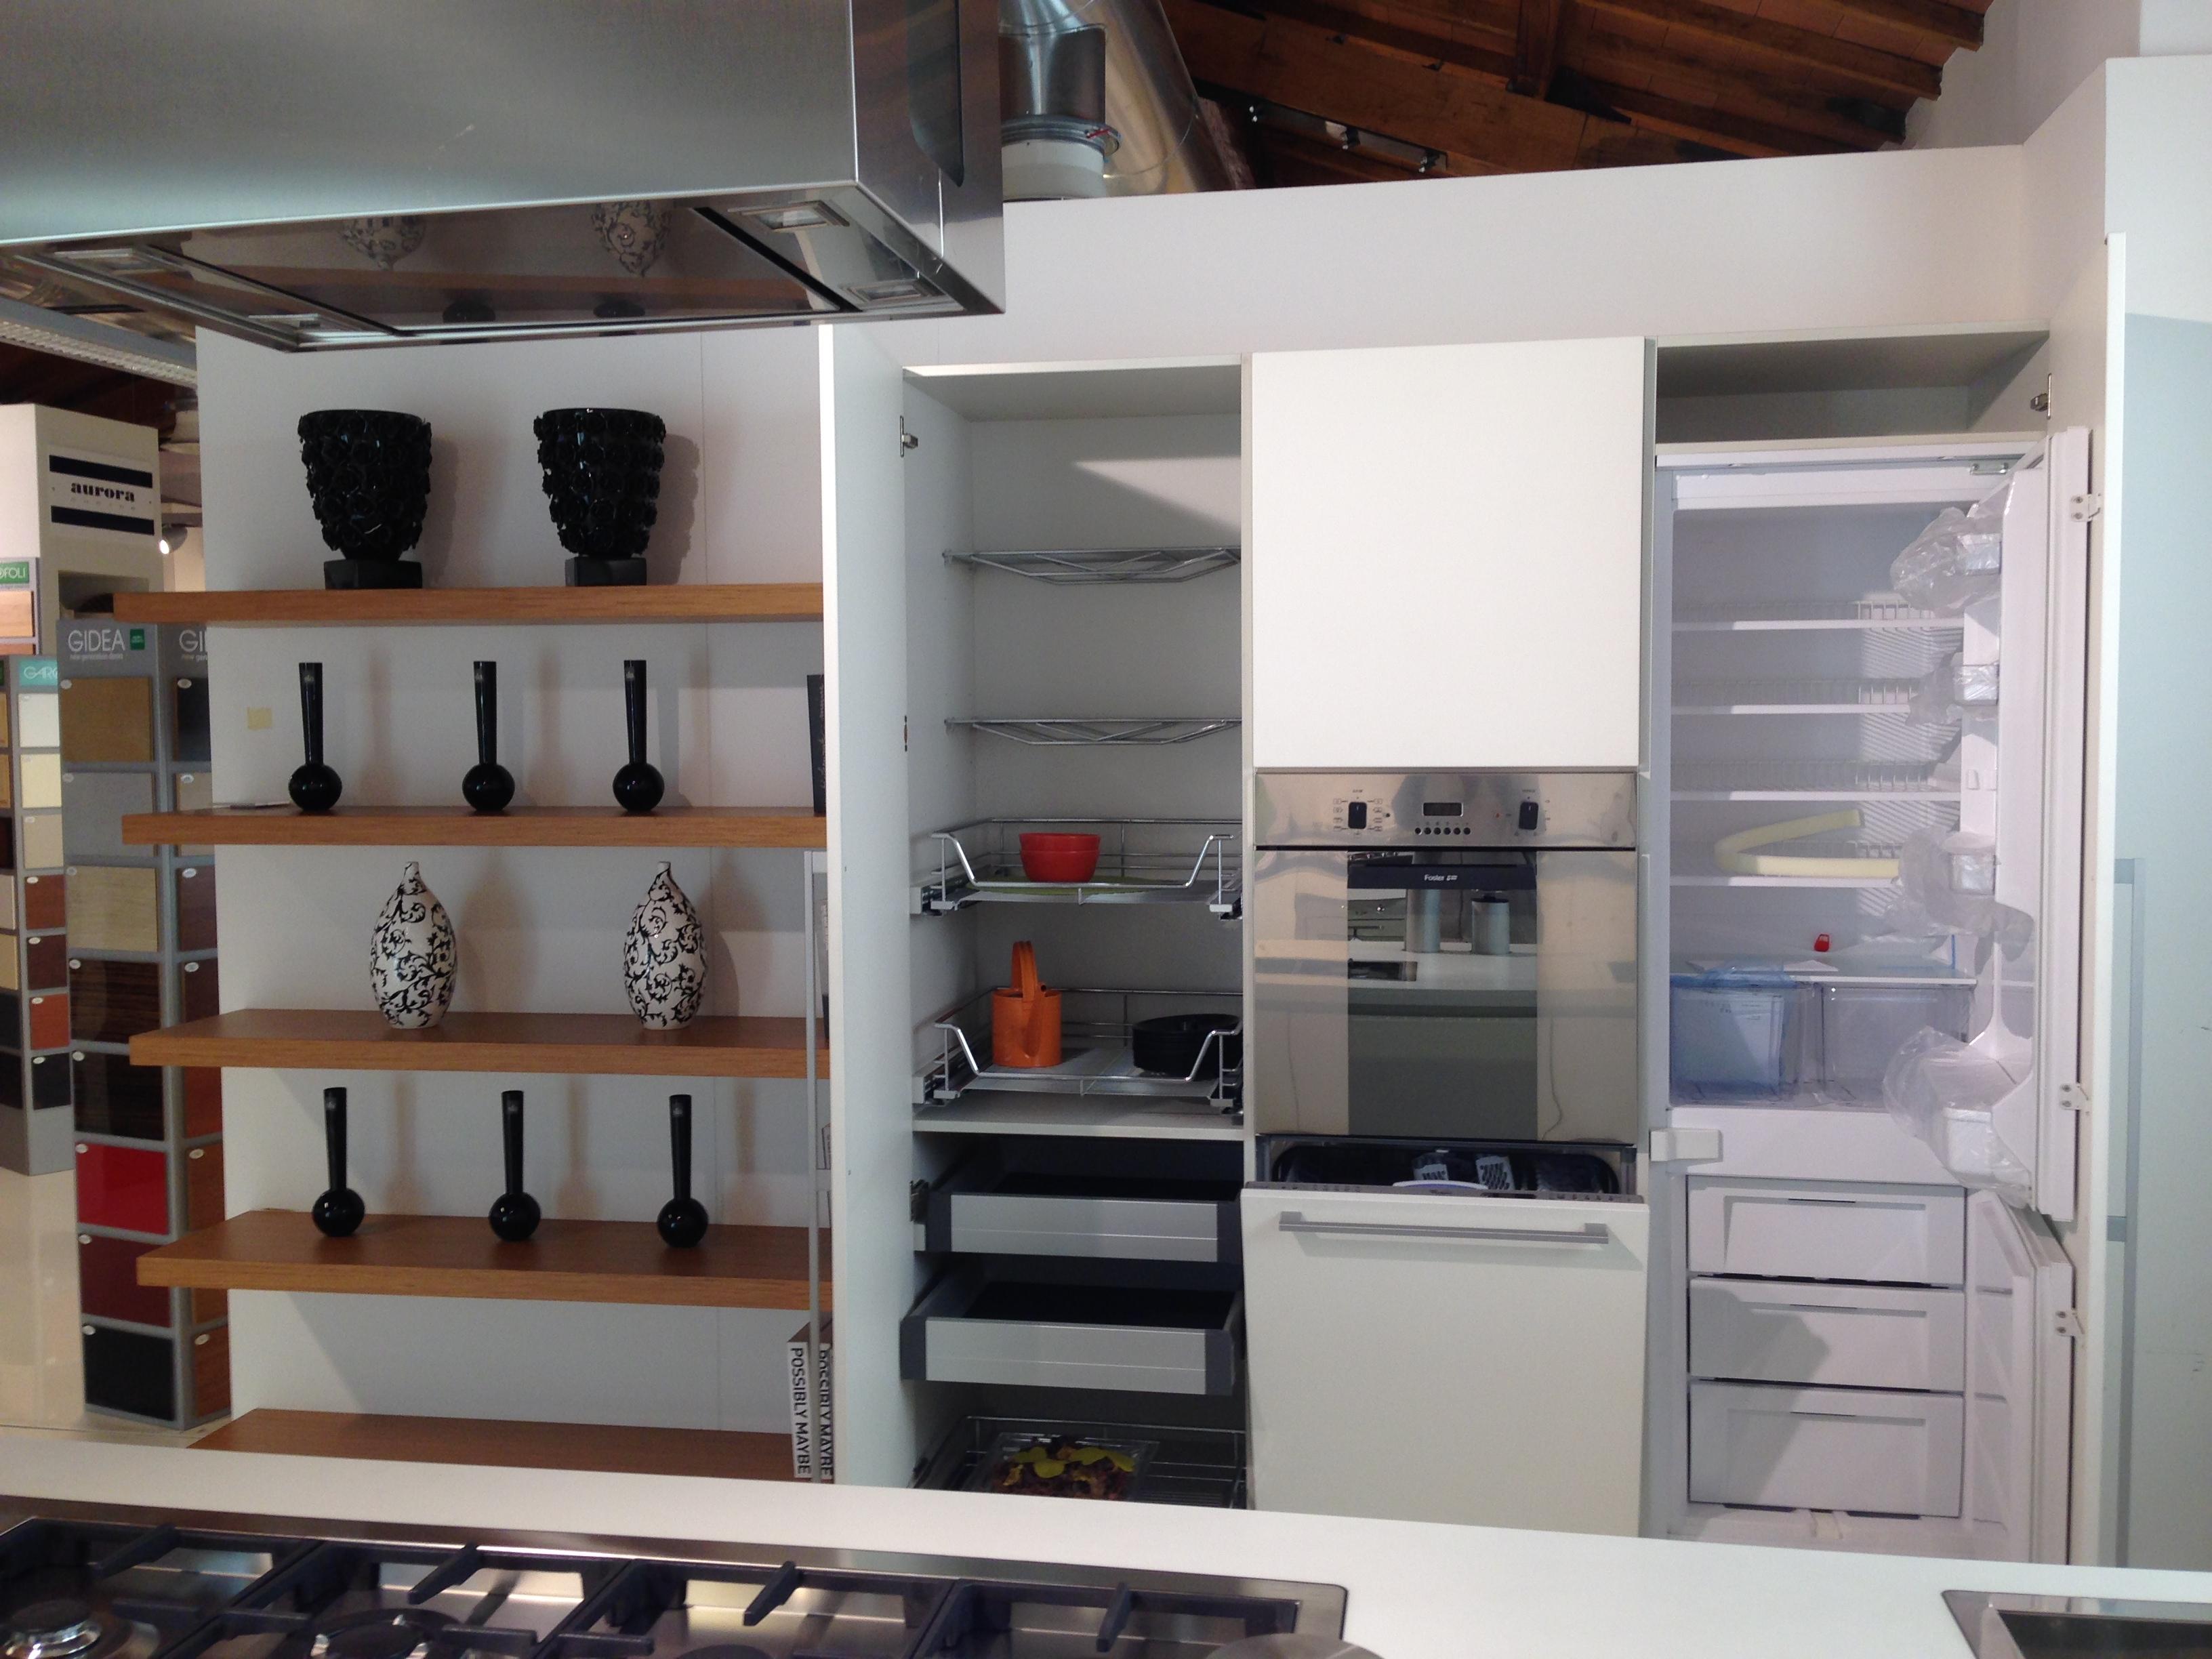 CUCINA VARENNA IN PROMOZIONE Cucine A Prezzi Scontati #664434 3264 2448 Veneta Cucine O Varenna